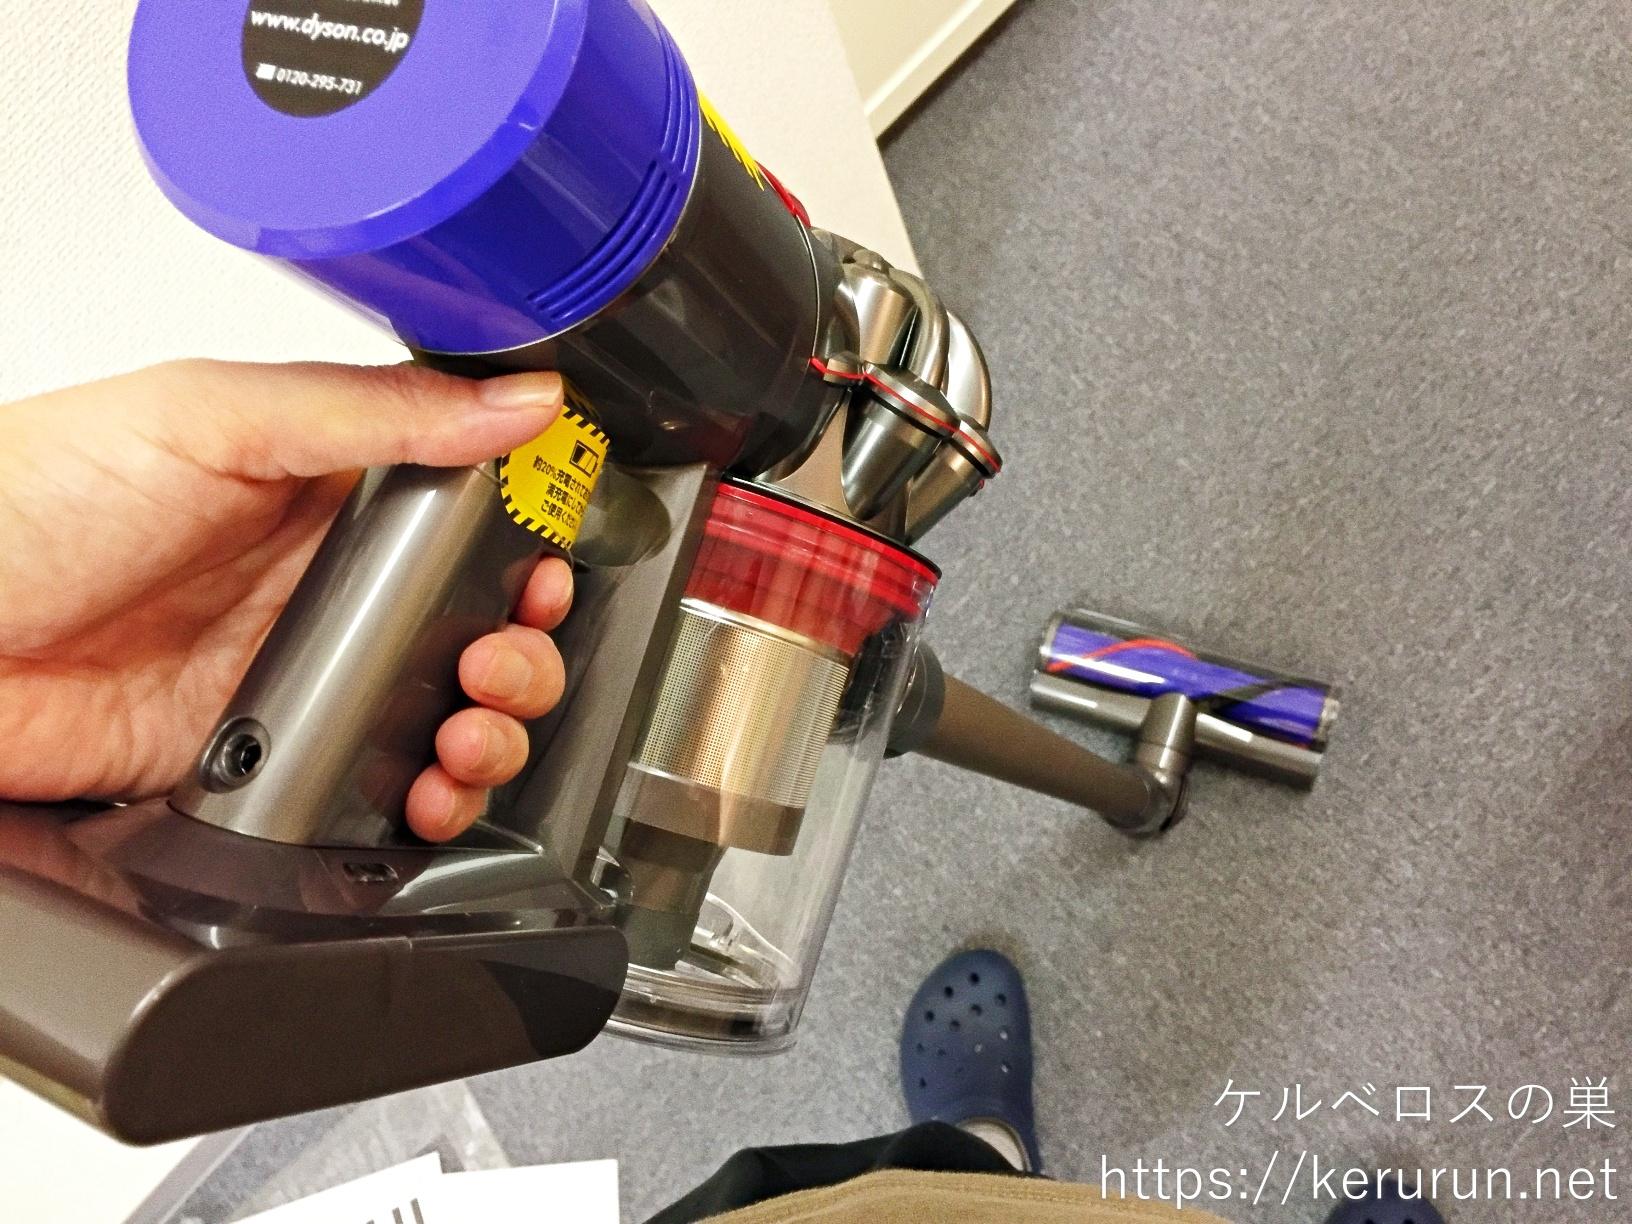 【コストコ】ダイソン掃除機V8アニマルプロ(SV10ANCOM)